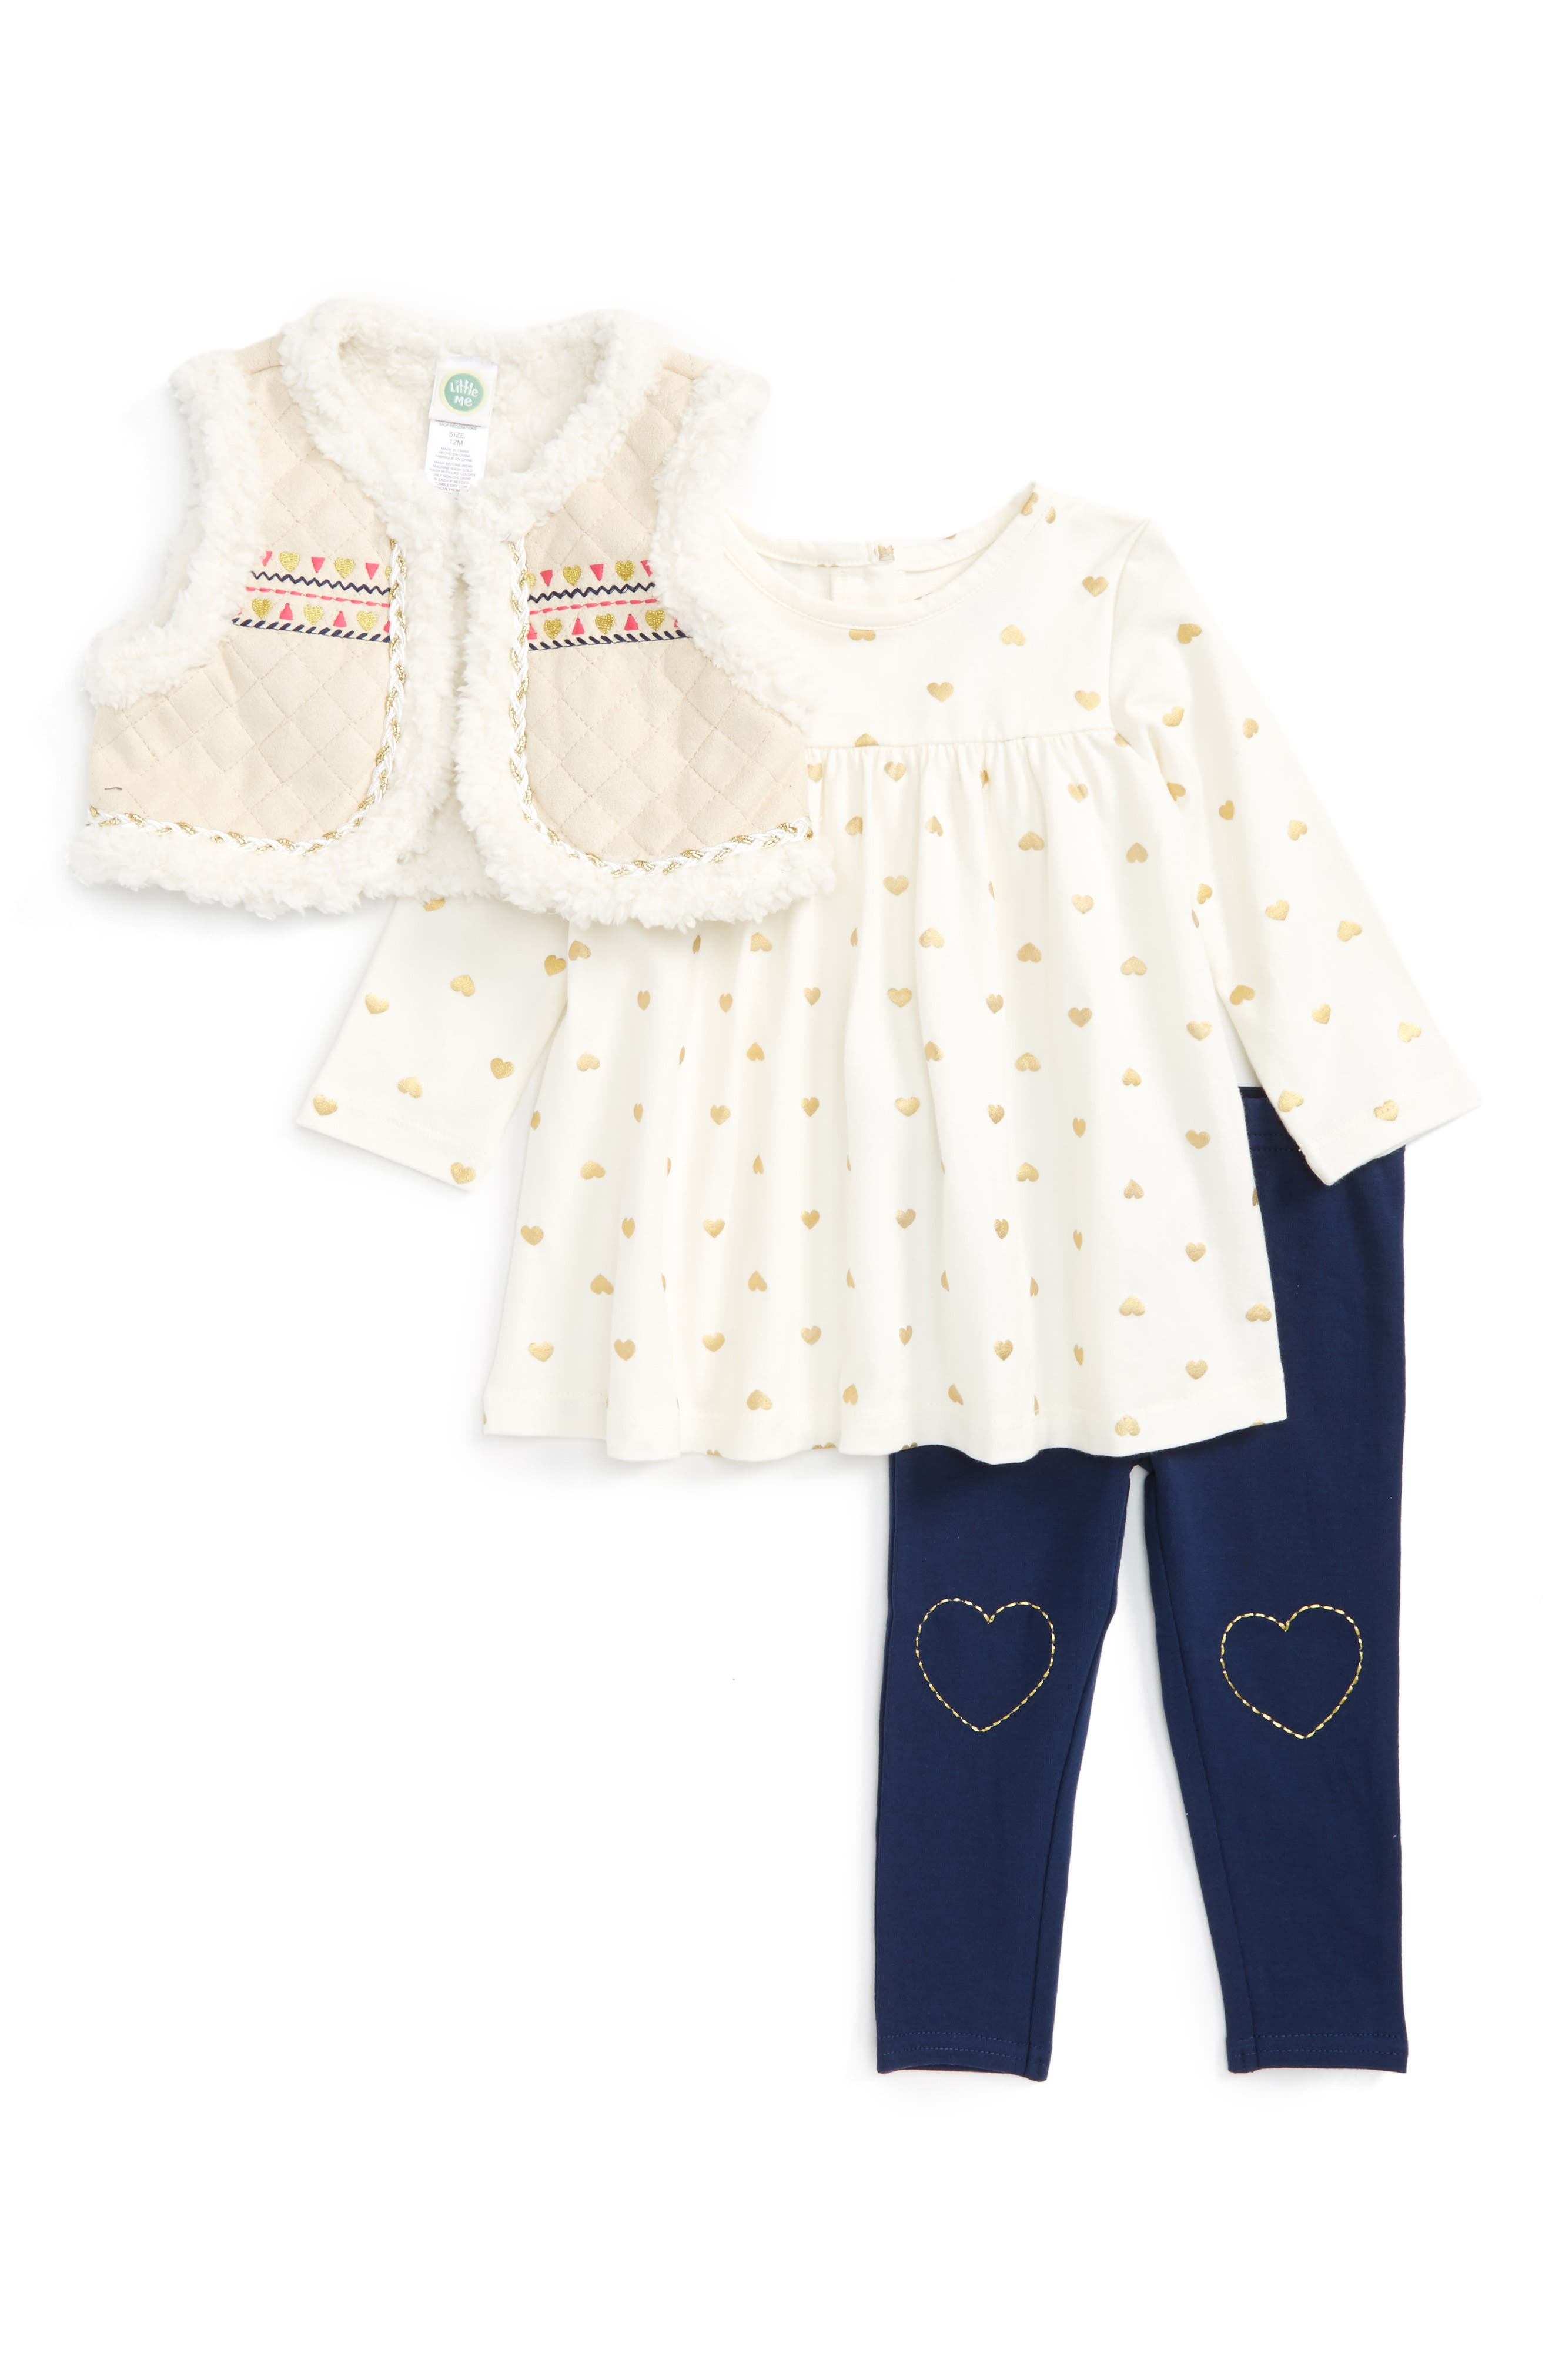 Alternate Image 1 Selected - Little Me Vest, Long Sleeve Shirt & Leggings Set (Baby Girls)